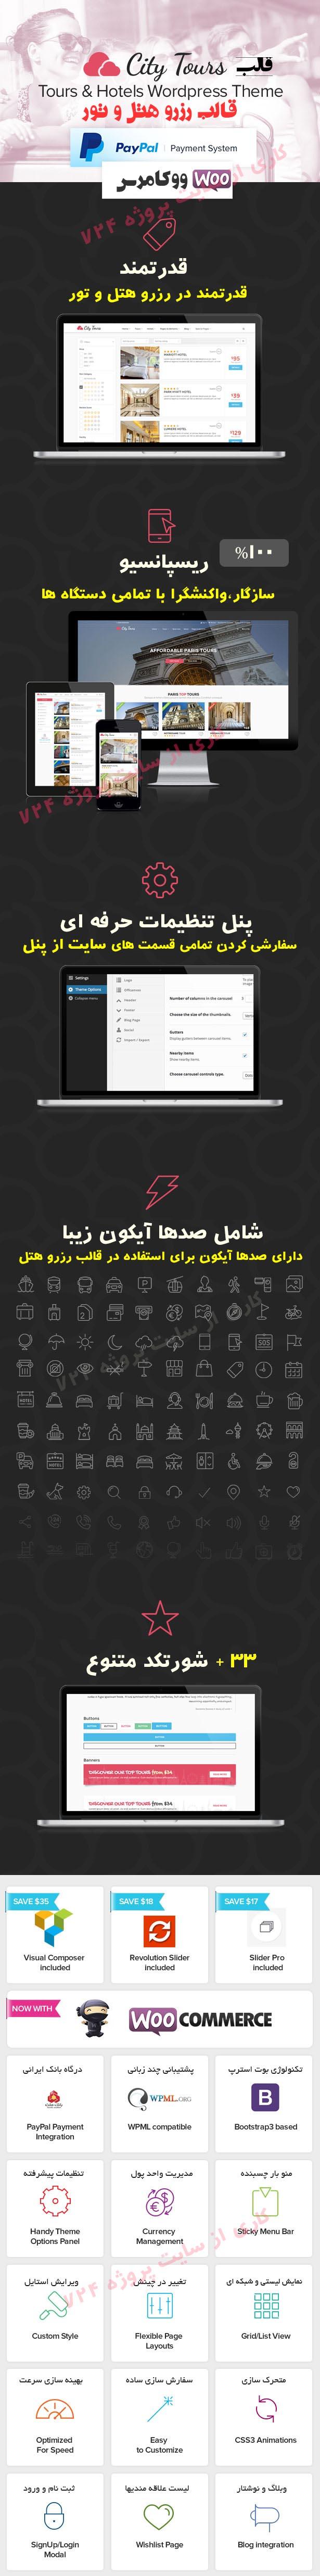 قالب City Tours فارسی و شمسی